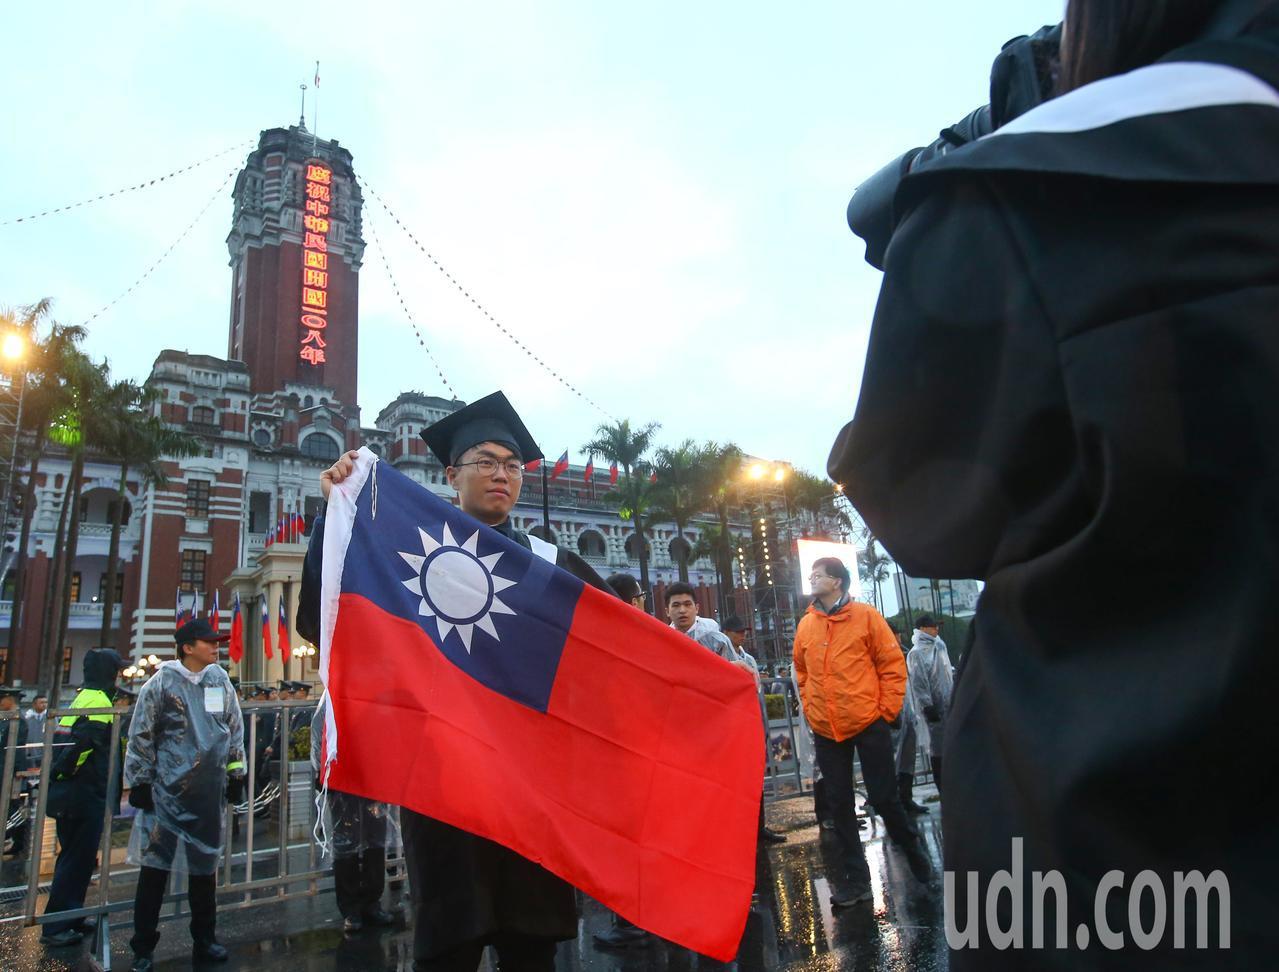 總統府元旦升旗活動在清晨六點三十分正式開始,民眾不畏寒風和細雨熱情參與。記者陳柏...